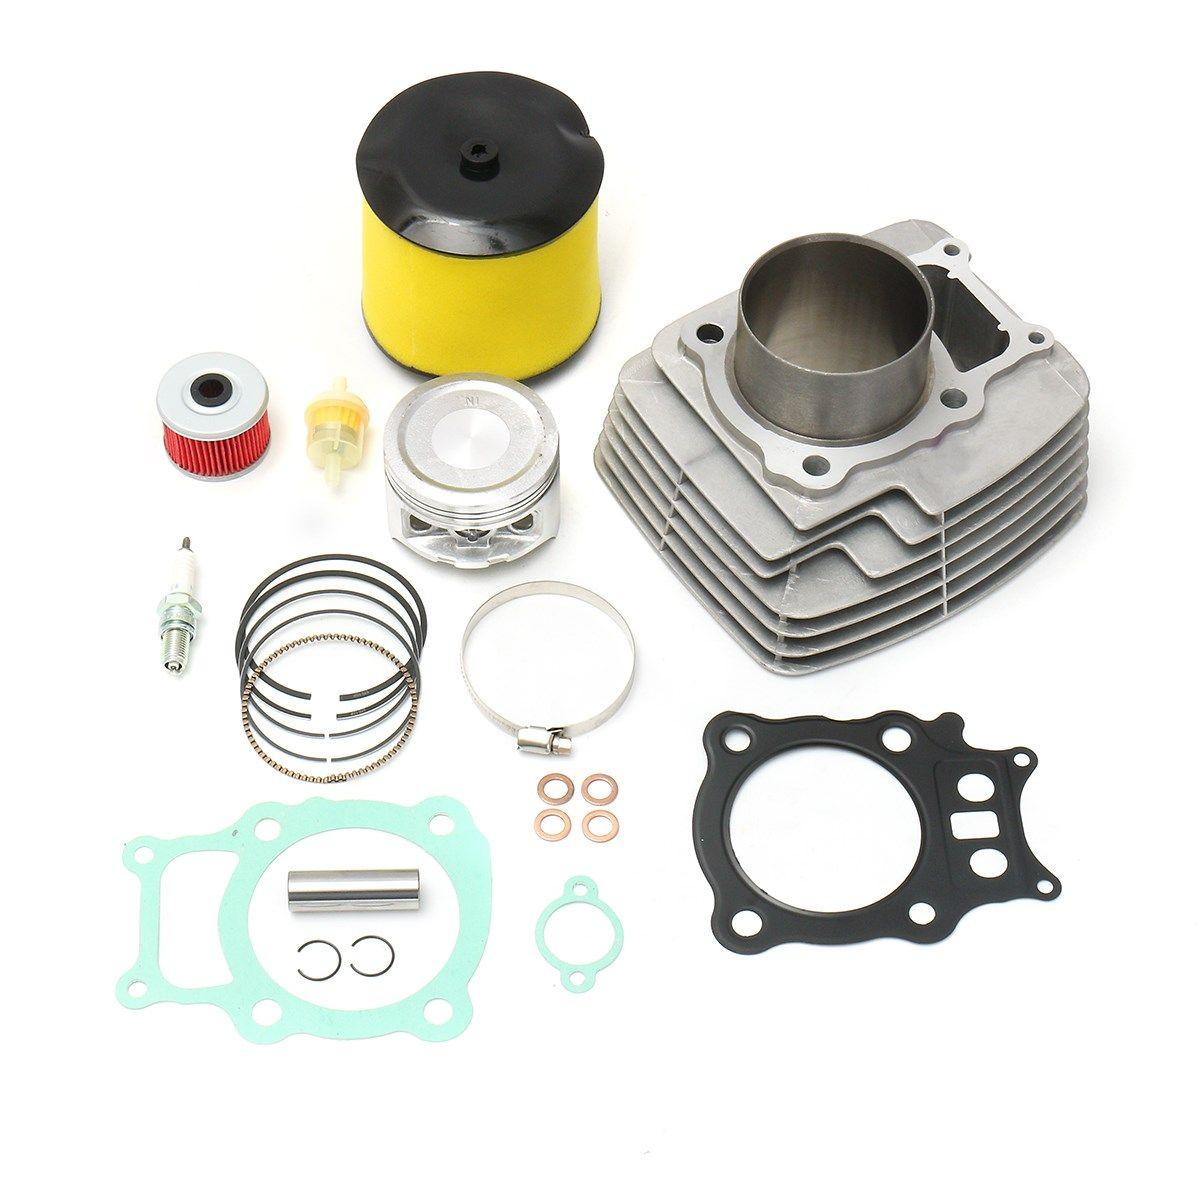 medium resolution of honda rancher 350 fuel filter wiring diagram centreatv cylinder piston for spark plug oil fuel filter